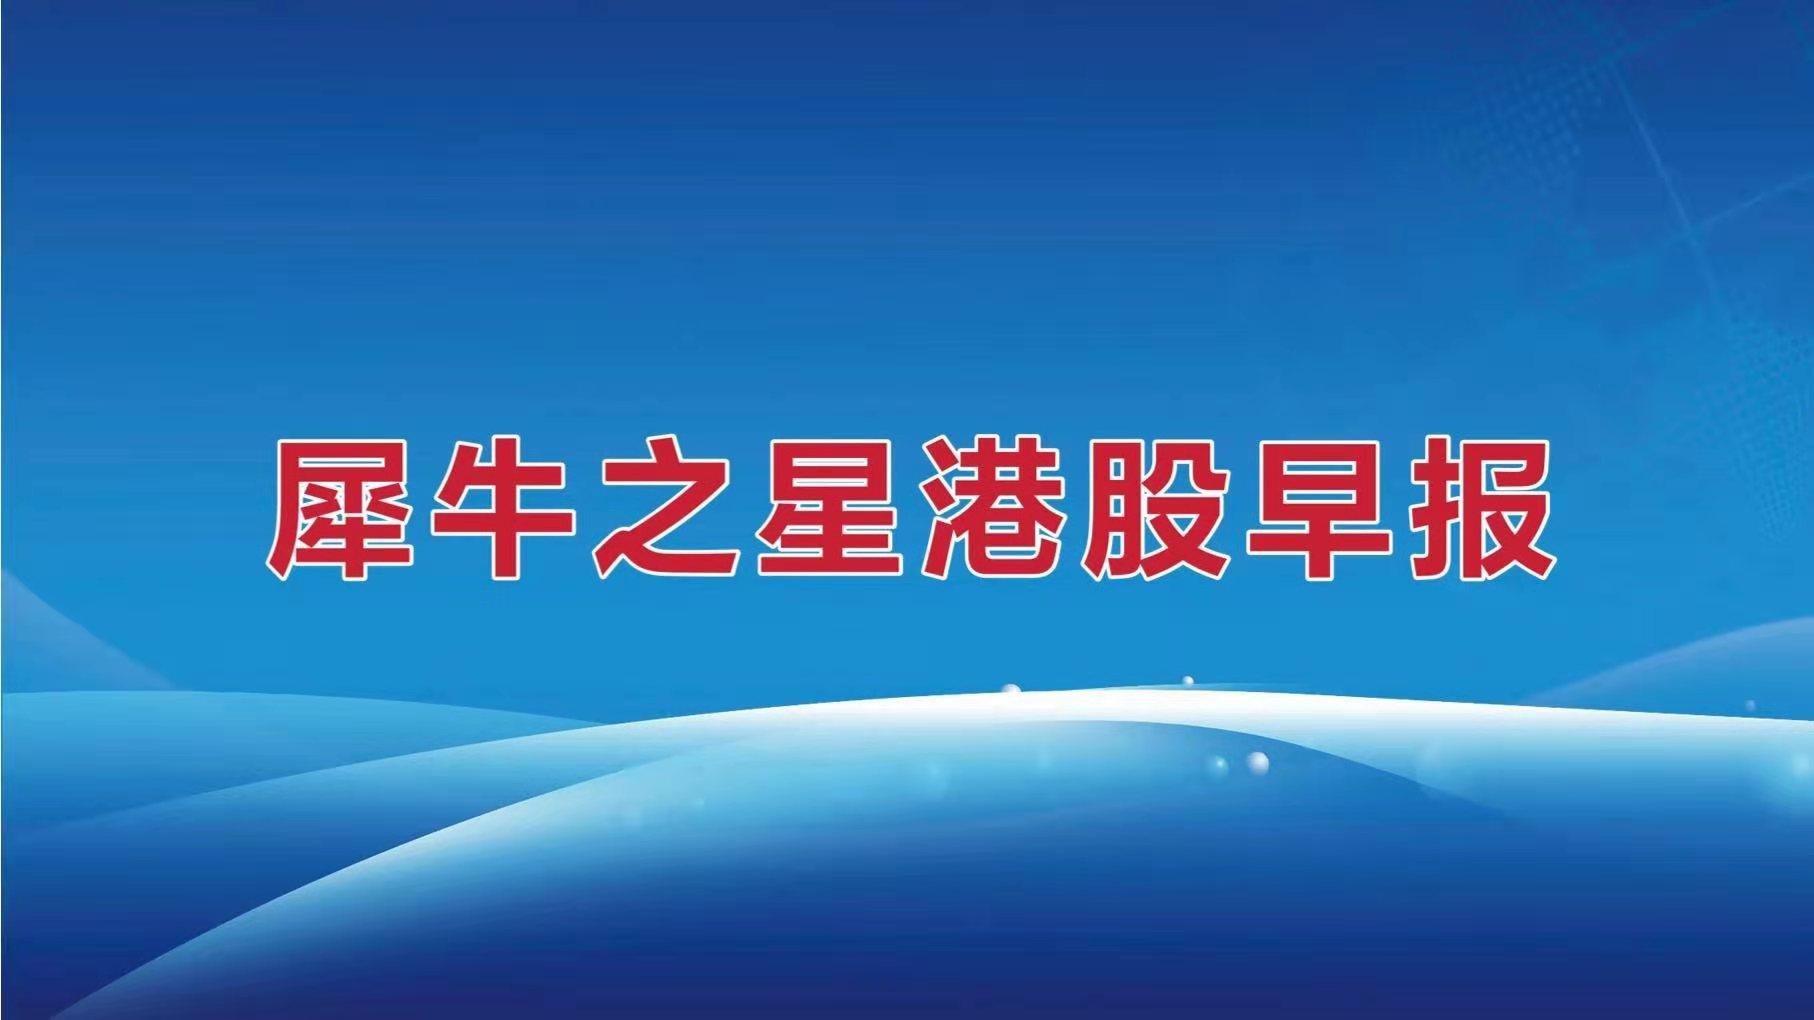 【犀牛之星港股早报】安踏股东折价约7.5%出售8800万股该公司股份;阿里影业预期年净亏损减少不少于90%